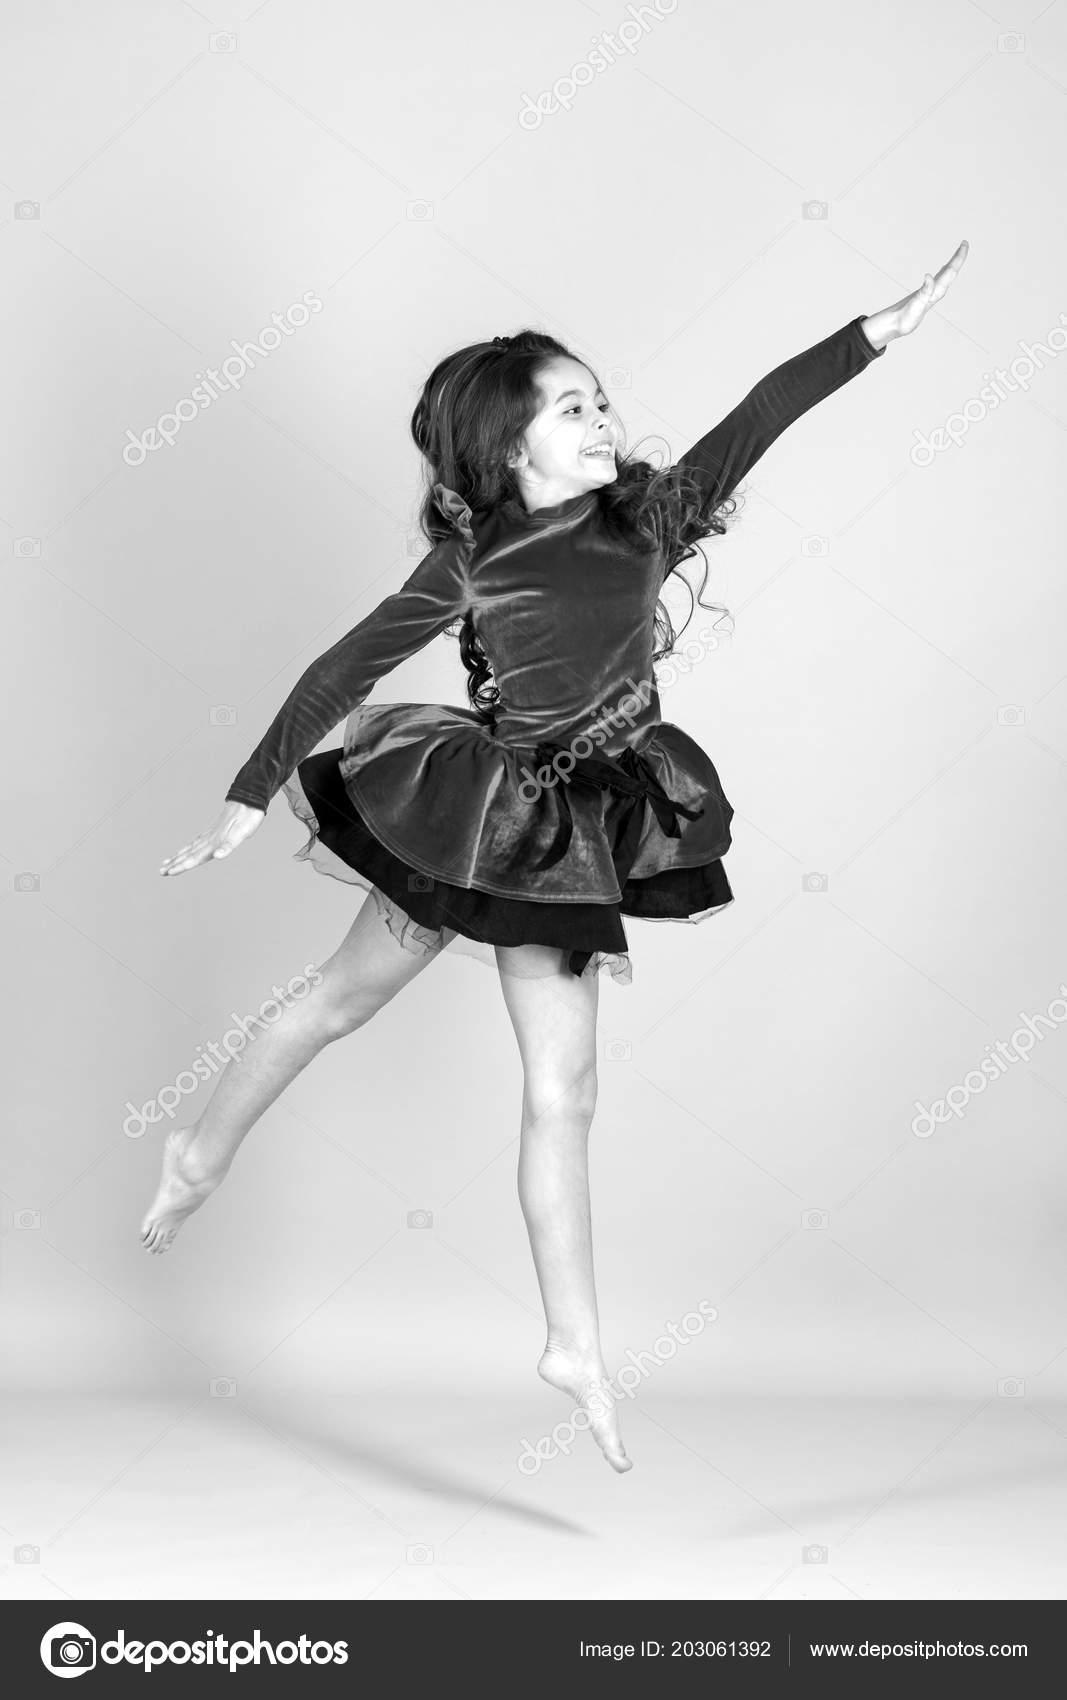 b7ae9909650 Sólo la danza. belleza y moda. bailarina de niña de poco salto sobre fondo  azul. Danza infantil en vestido rojo descalzo. Concepto de infancia feliz.